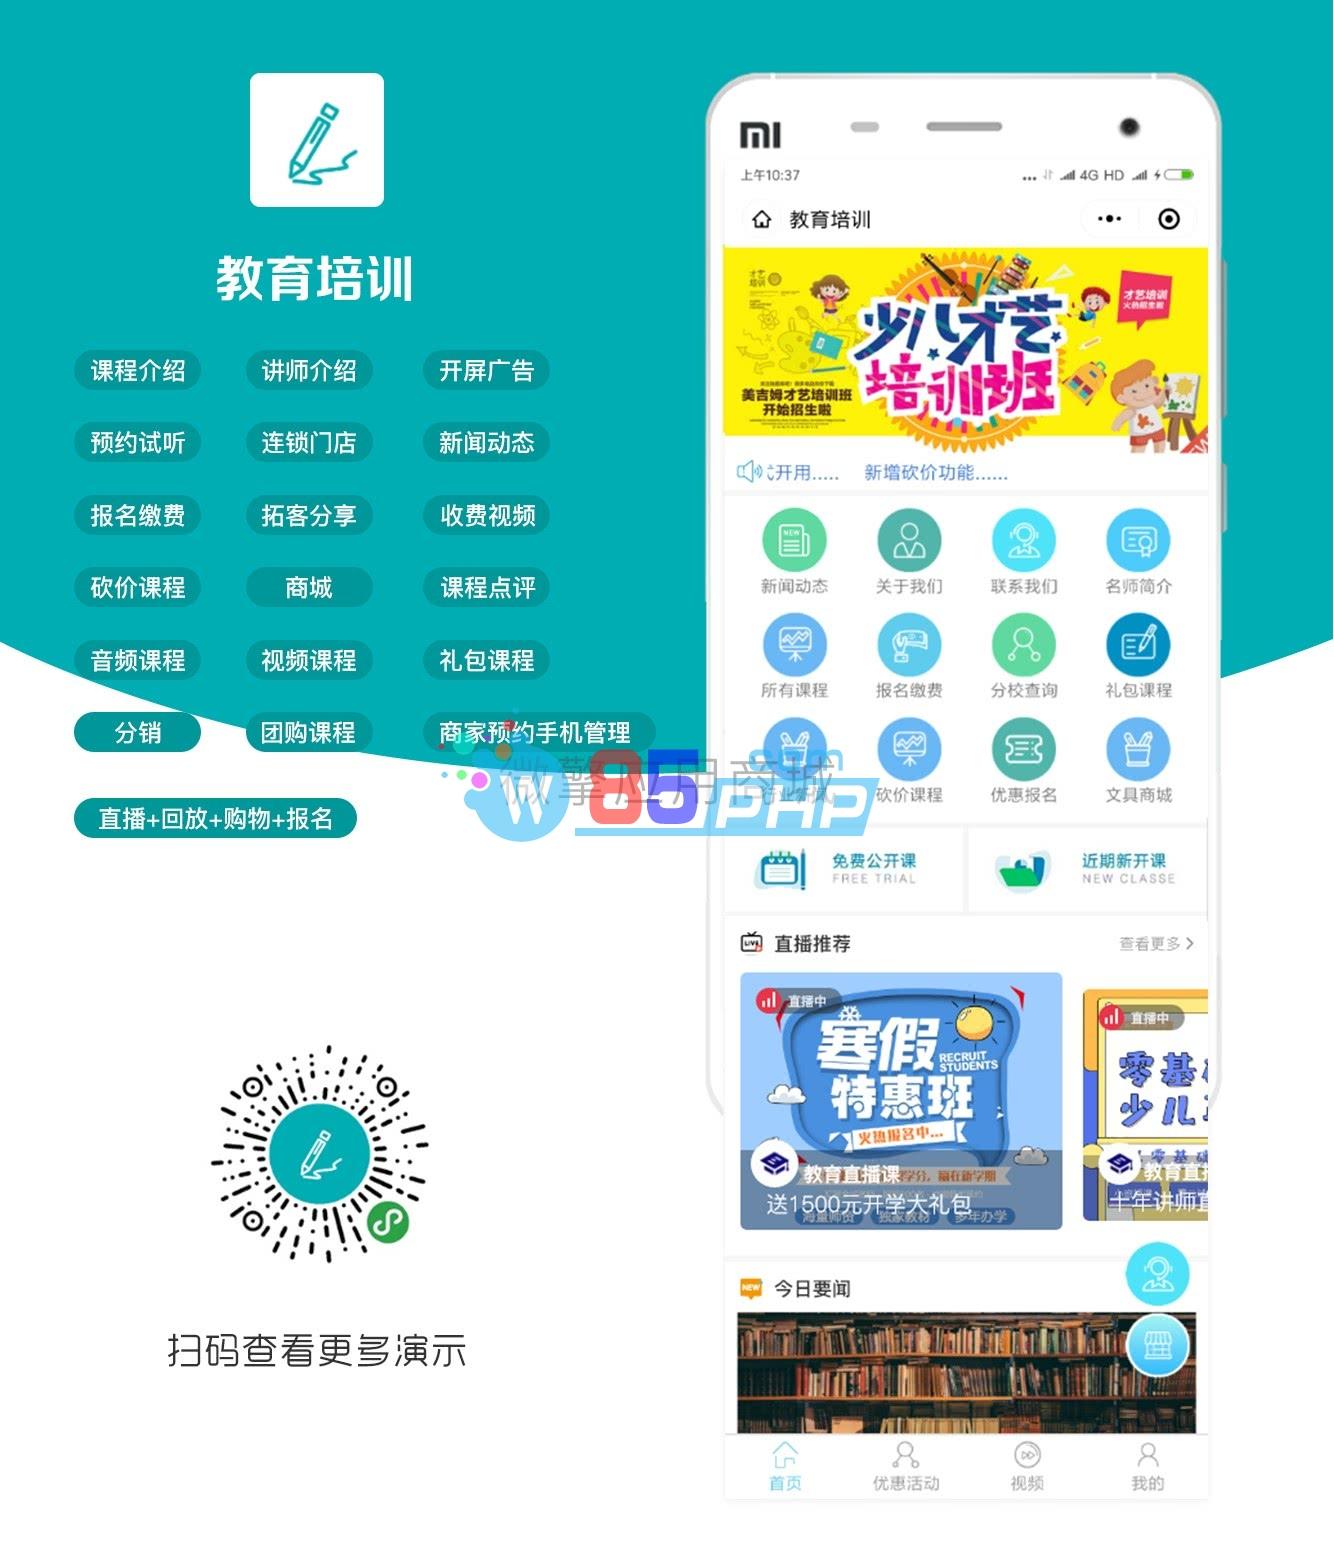 鹤云资源博客-【微擎功能模块】教育培训学校插图